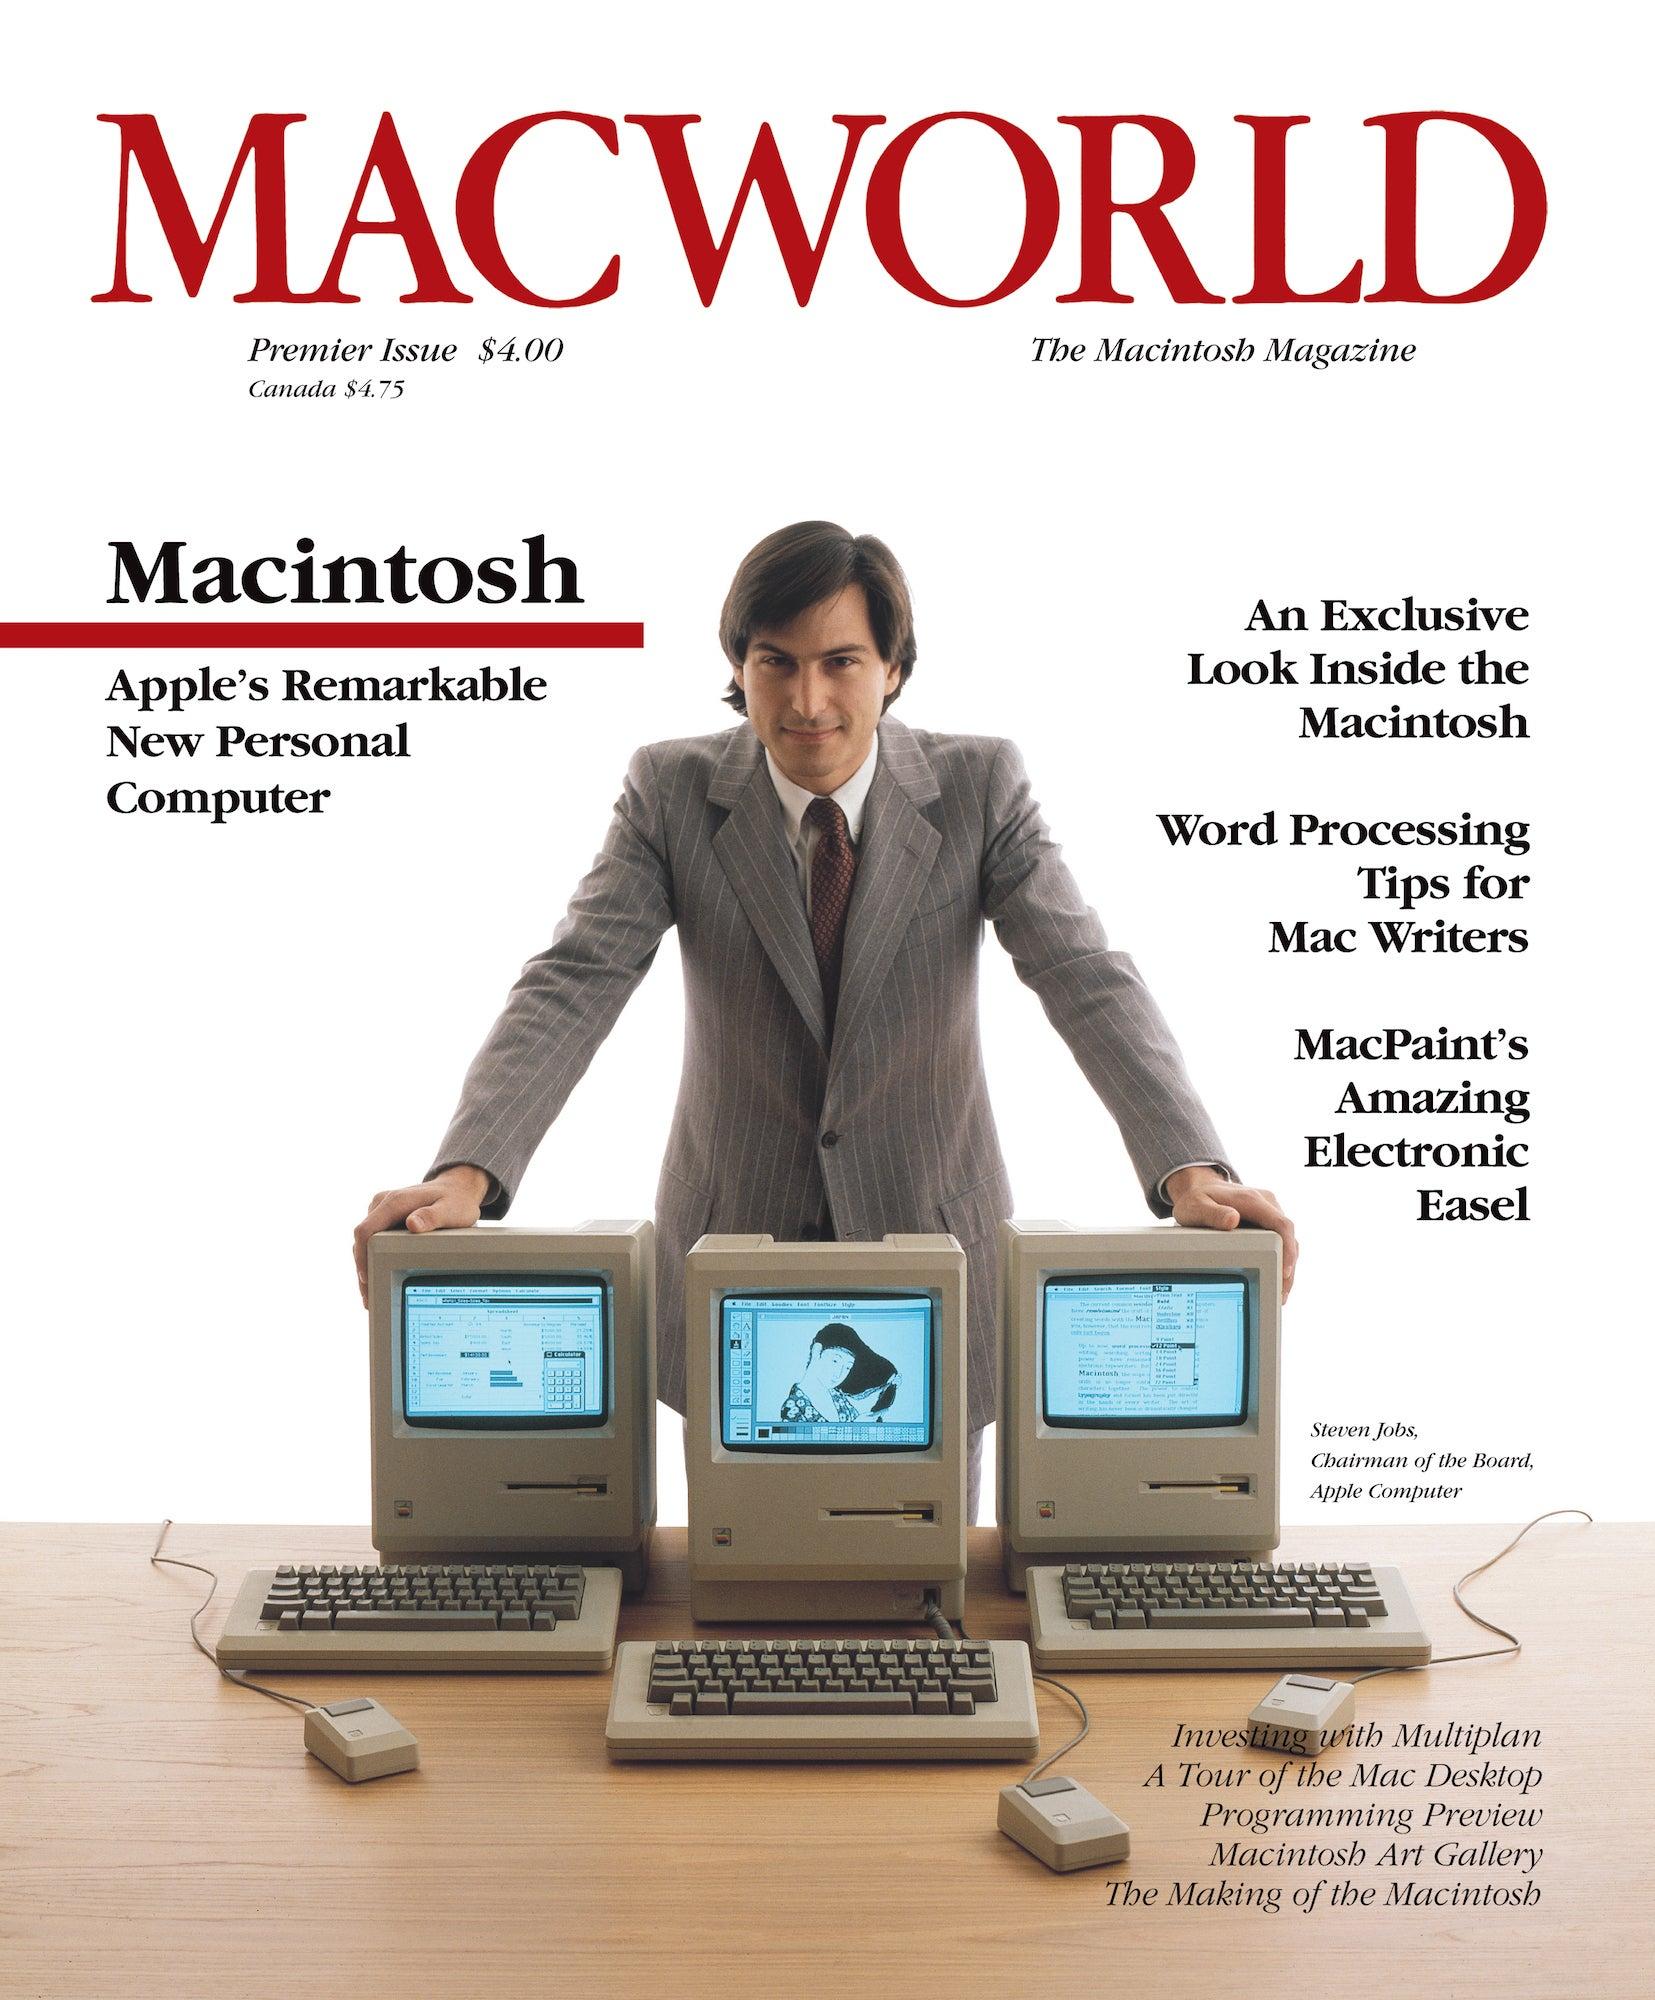 steve jobs Macworld